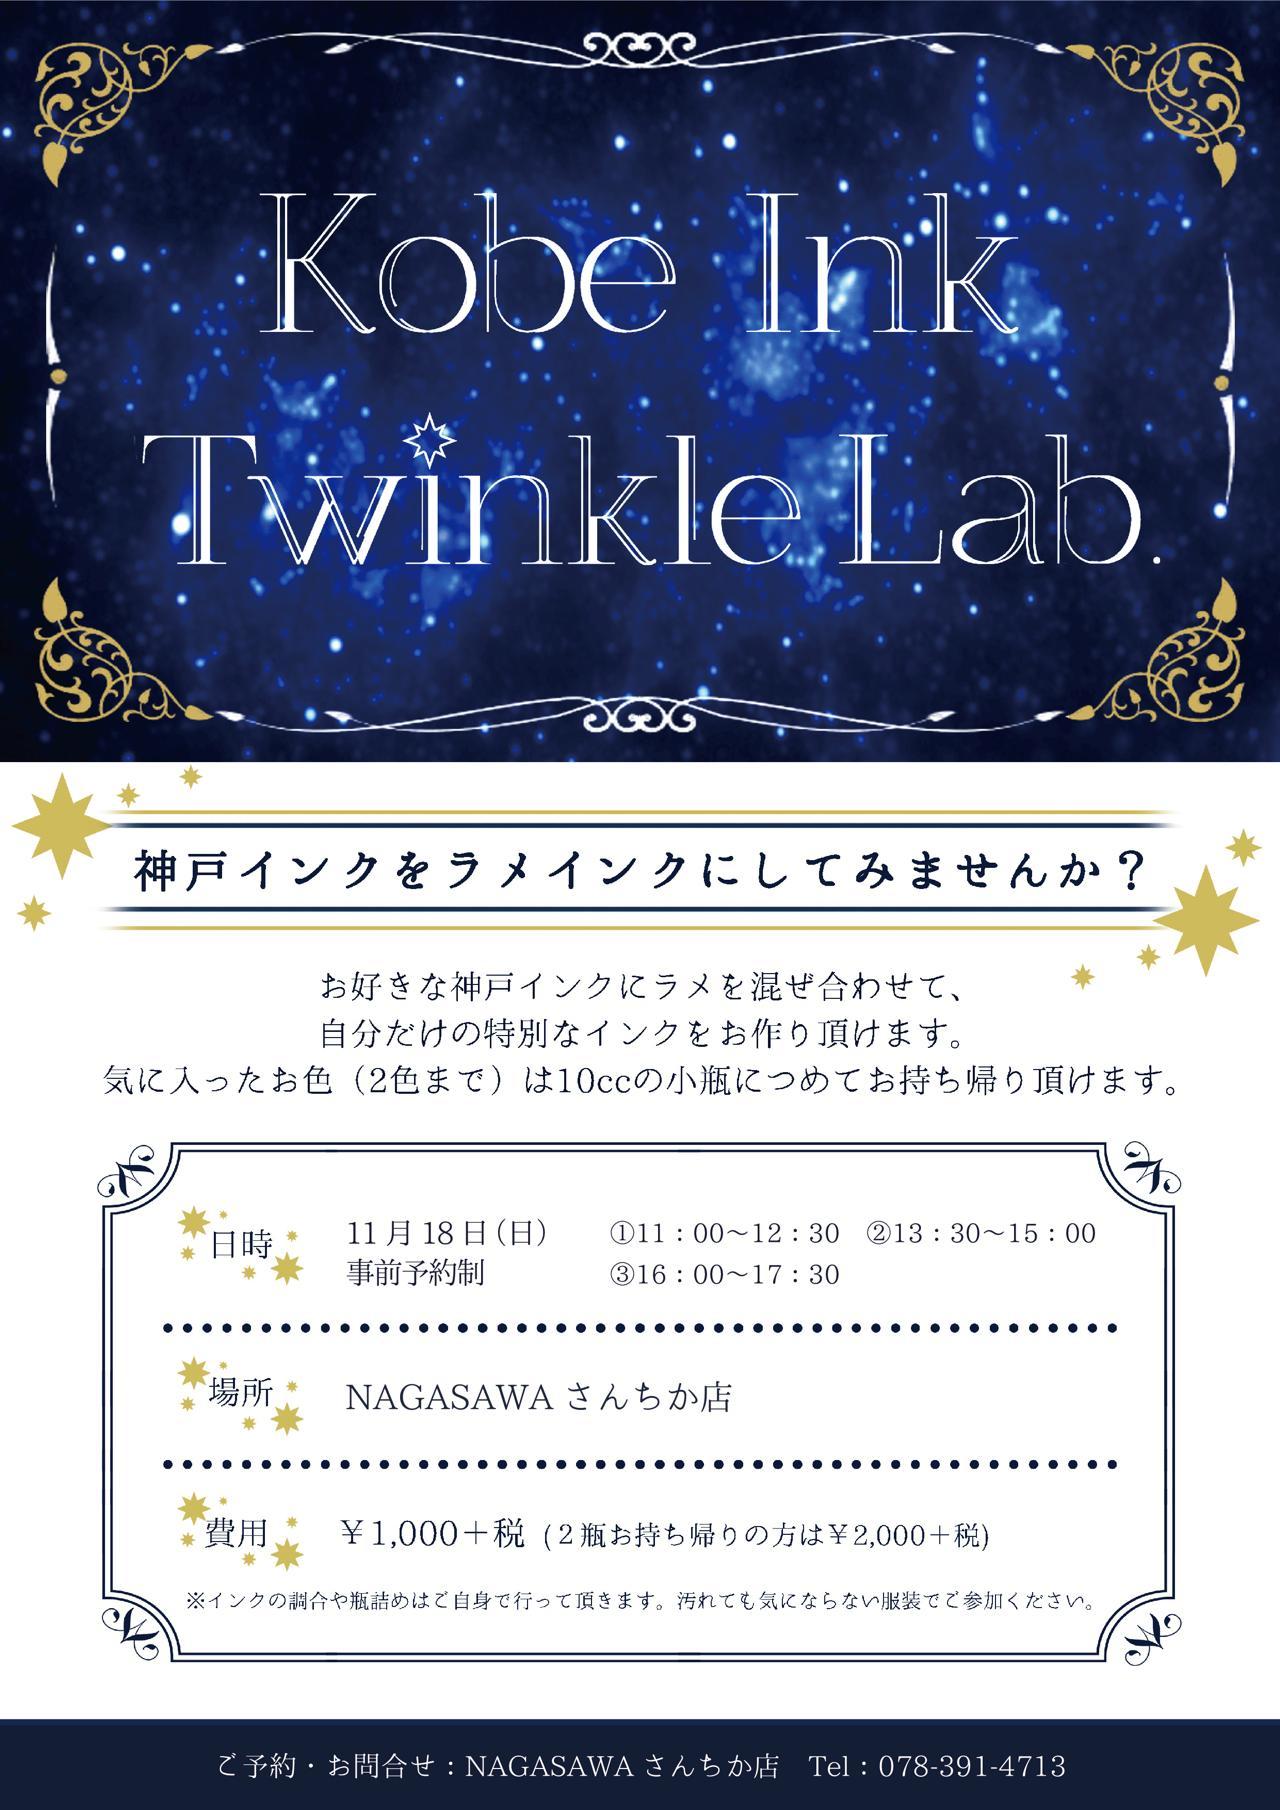 【さんちか店】「KobeINK物語」をラメインクにしませんか? |Kobe INK物語を使ったワークショップ